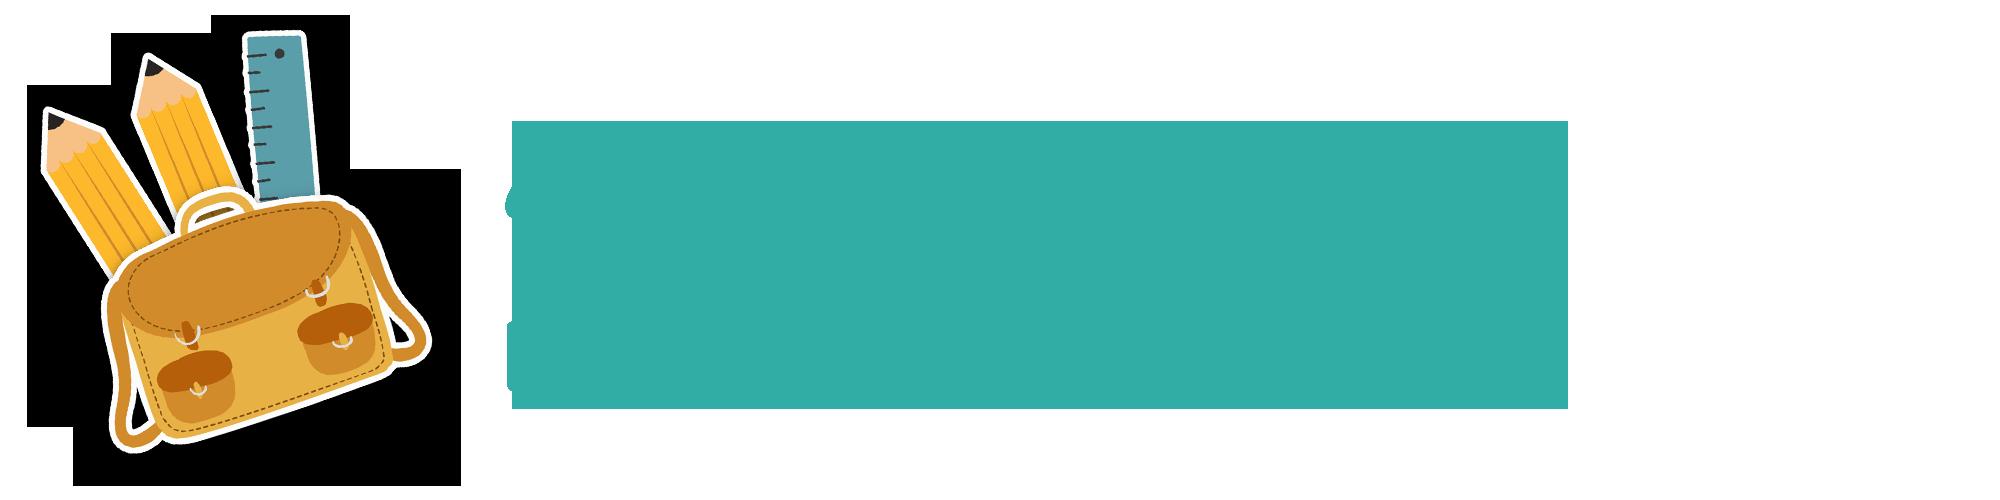 [E] Cho con học trường Quốc tế ở Hà Nội: Học phí 8 tỷ đồng - Ảnh 11